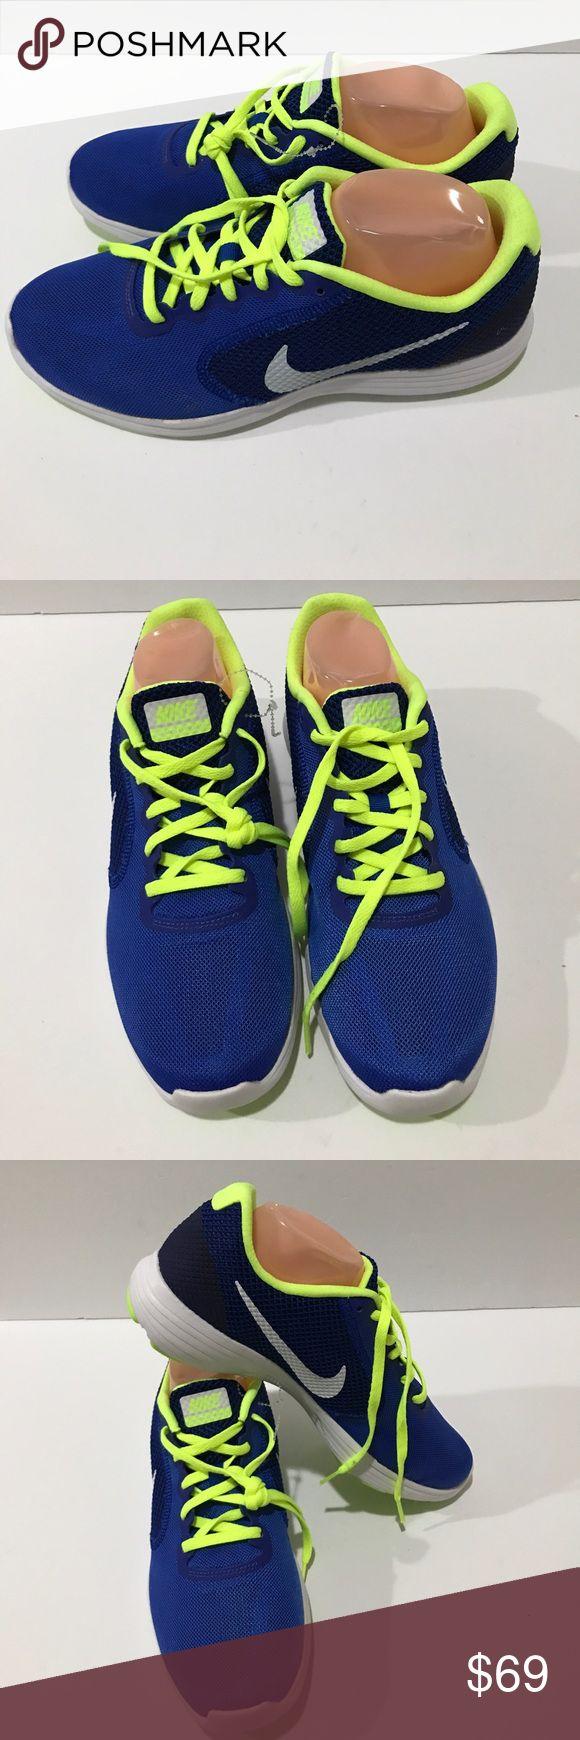 Nike Revolution 3 Running Racer Bl/WtVolt-Black Nike Revolution 3 [819300-403] Running Racer Blue/White-Volt-Black Nike Shoes Sneakers